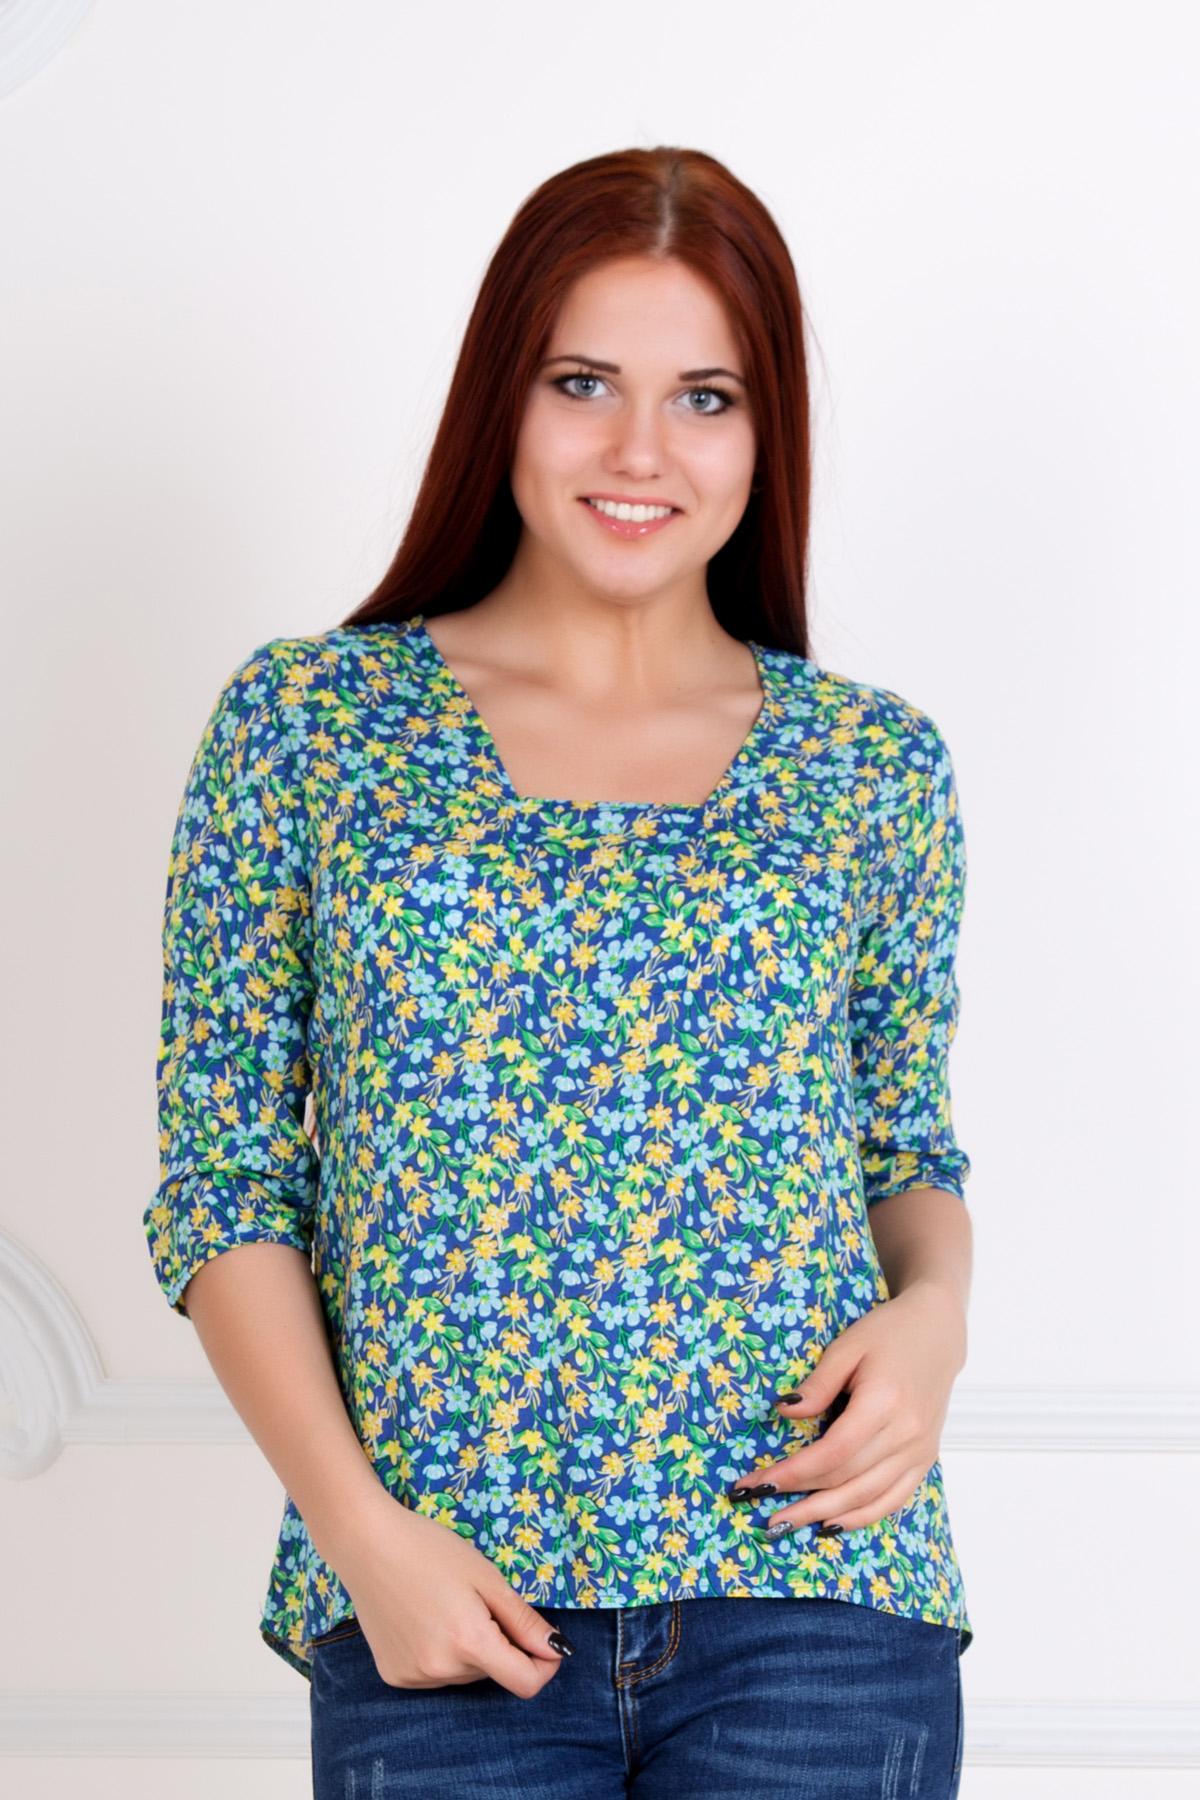 Жен. блуза Мария Синий р. 44Распродажа<br>Обхват груди:88 см<br>Обхват талии:68 см<br>Обхват бедер:96 см<br>Длина по спинке:60 см<br>Рост:167 см<br><br>Тип: Жен. блуза<br>Размер: 44<br>Материал: Штапель